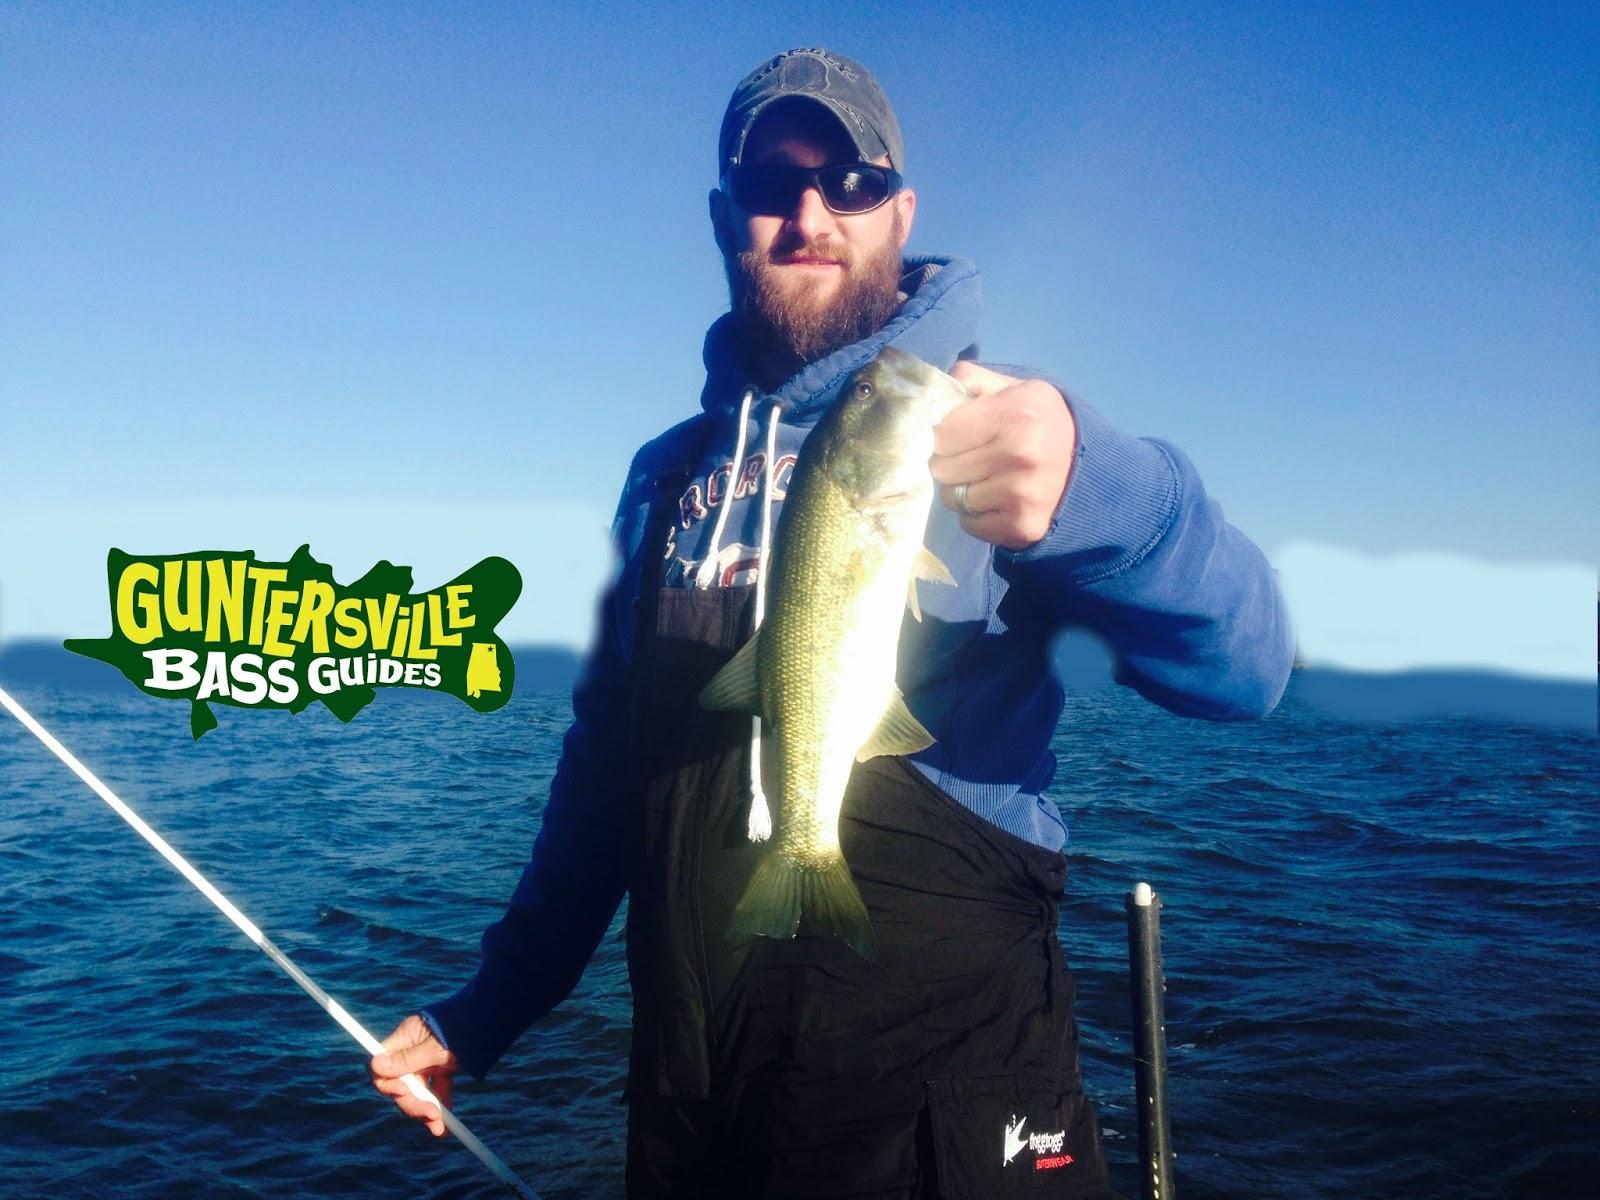 Lake guntersville fishing report guntersville bass guides for Lake eufaula fishing report